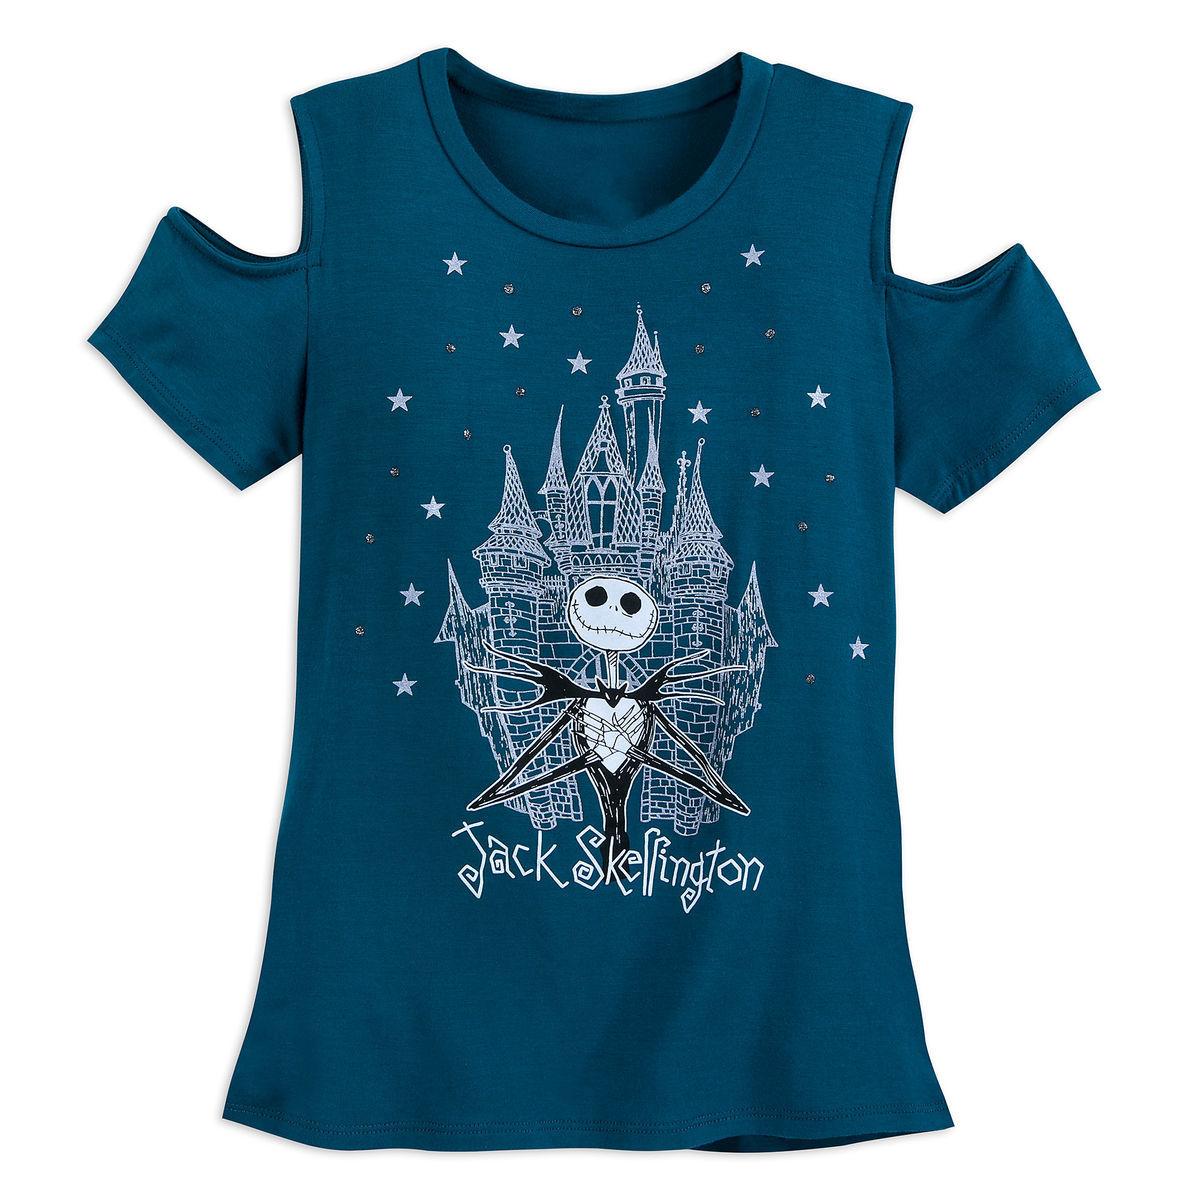 7c738874 Add to My Lists. Disney Shirt for Girls - Jack Skellington Fashion - Cold  Shoulder